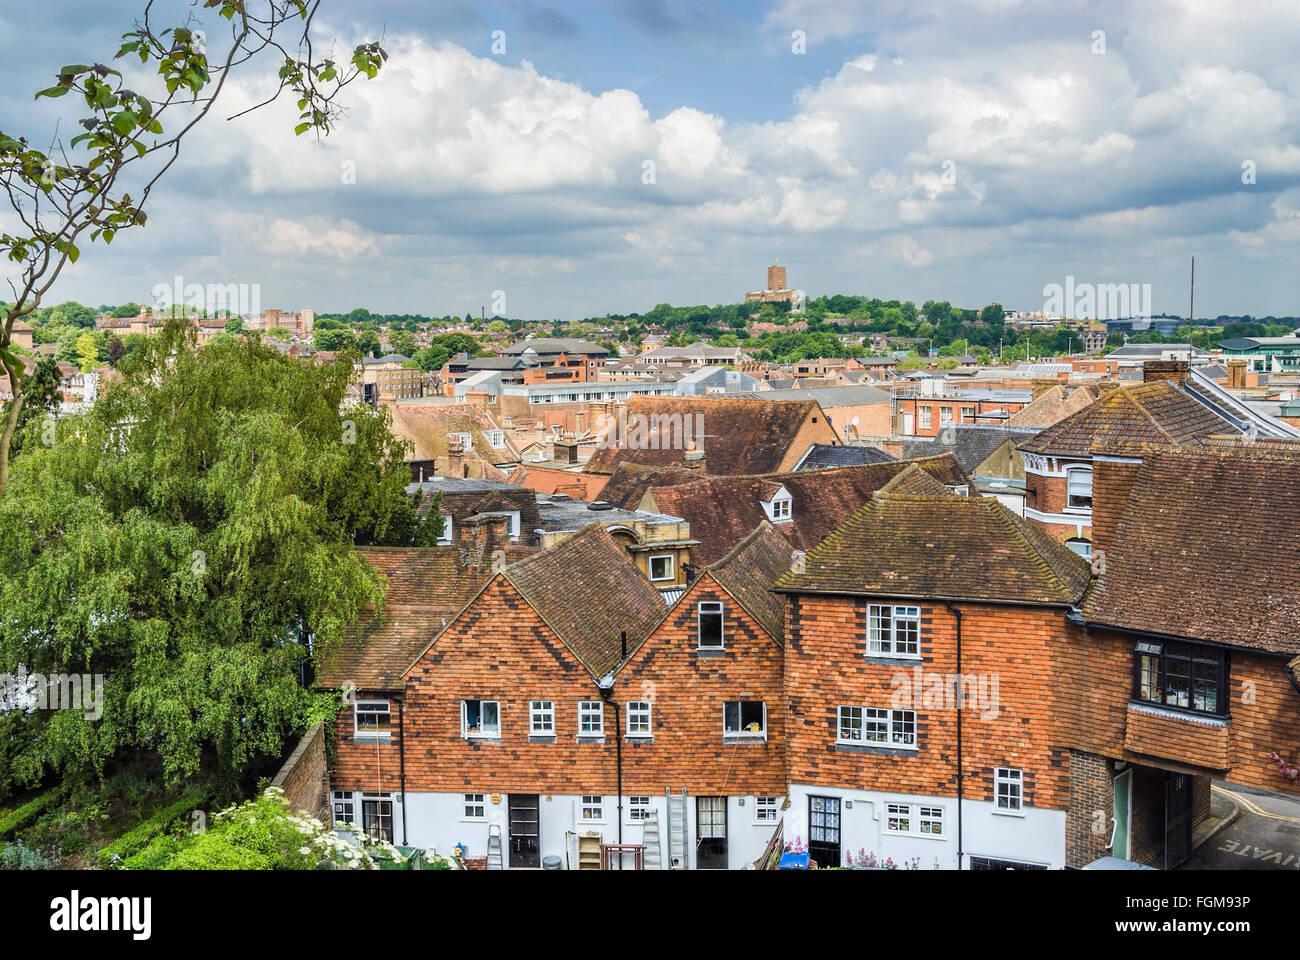 Elevated view over Guildford in Surrey, England. | Aussicht ueber die Innenstadt von Guildford in Surrey, England. - Stock Image